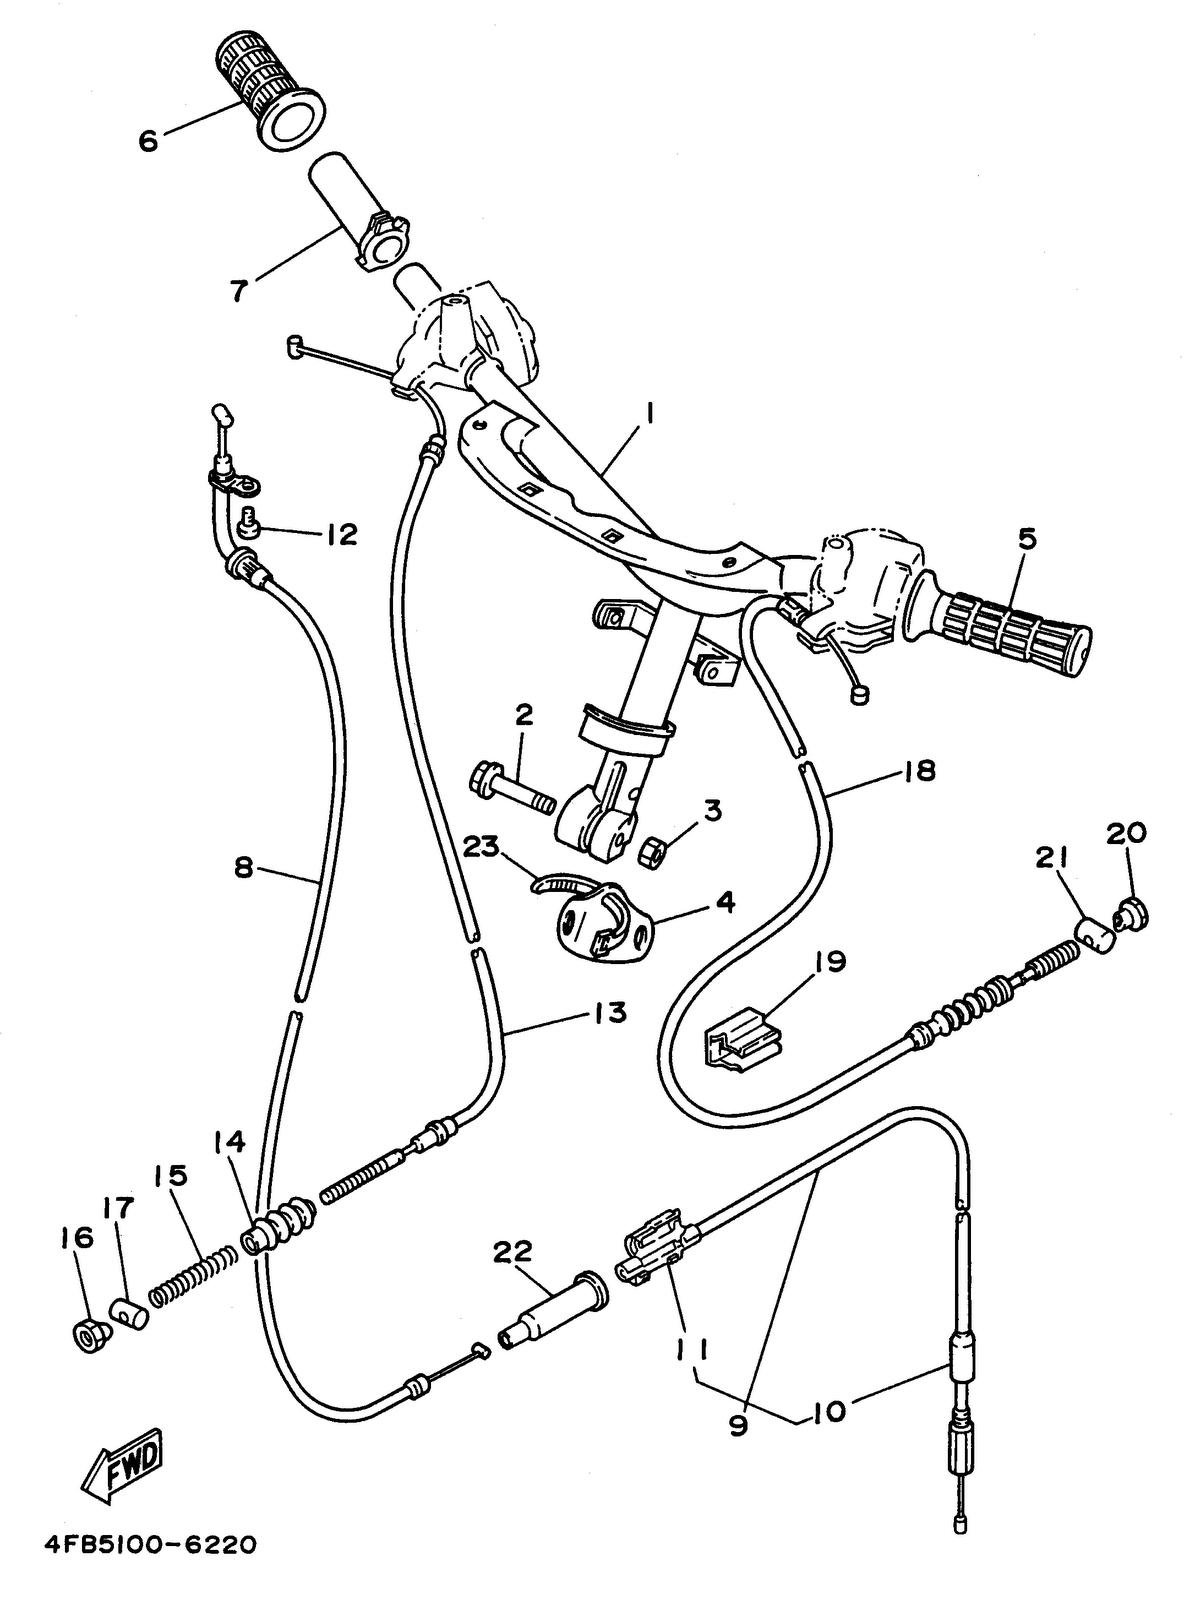 free manual modul  yamaha cy50h scooter user repair manual